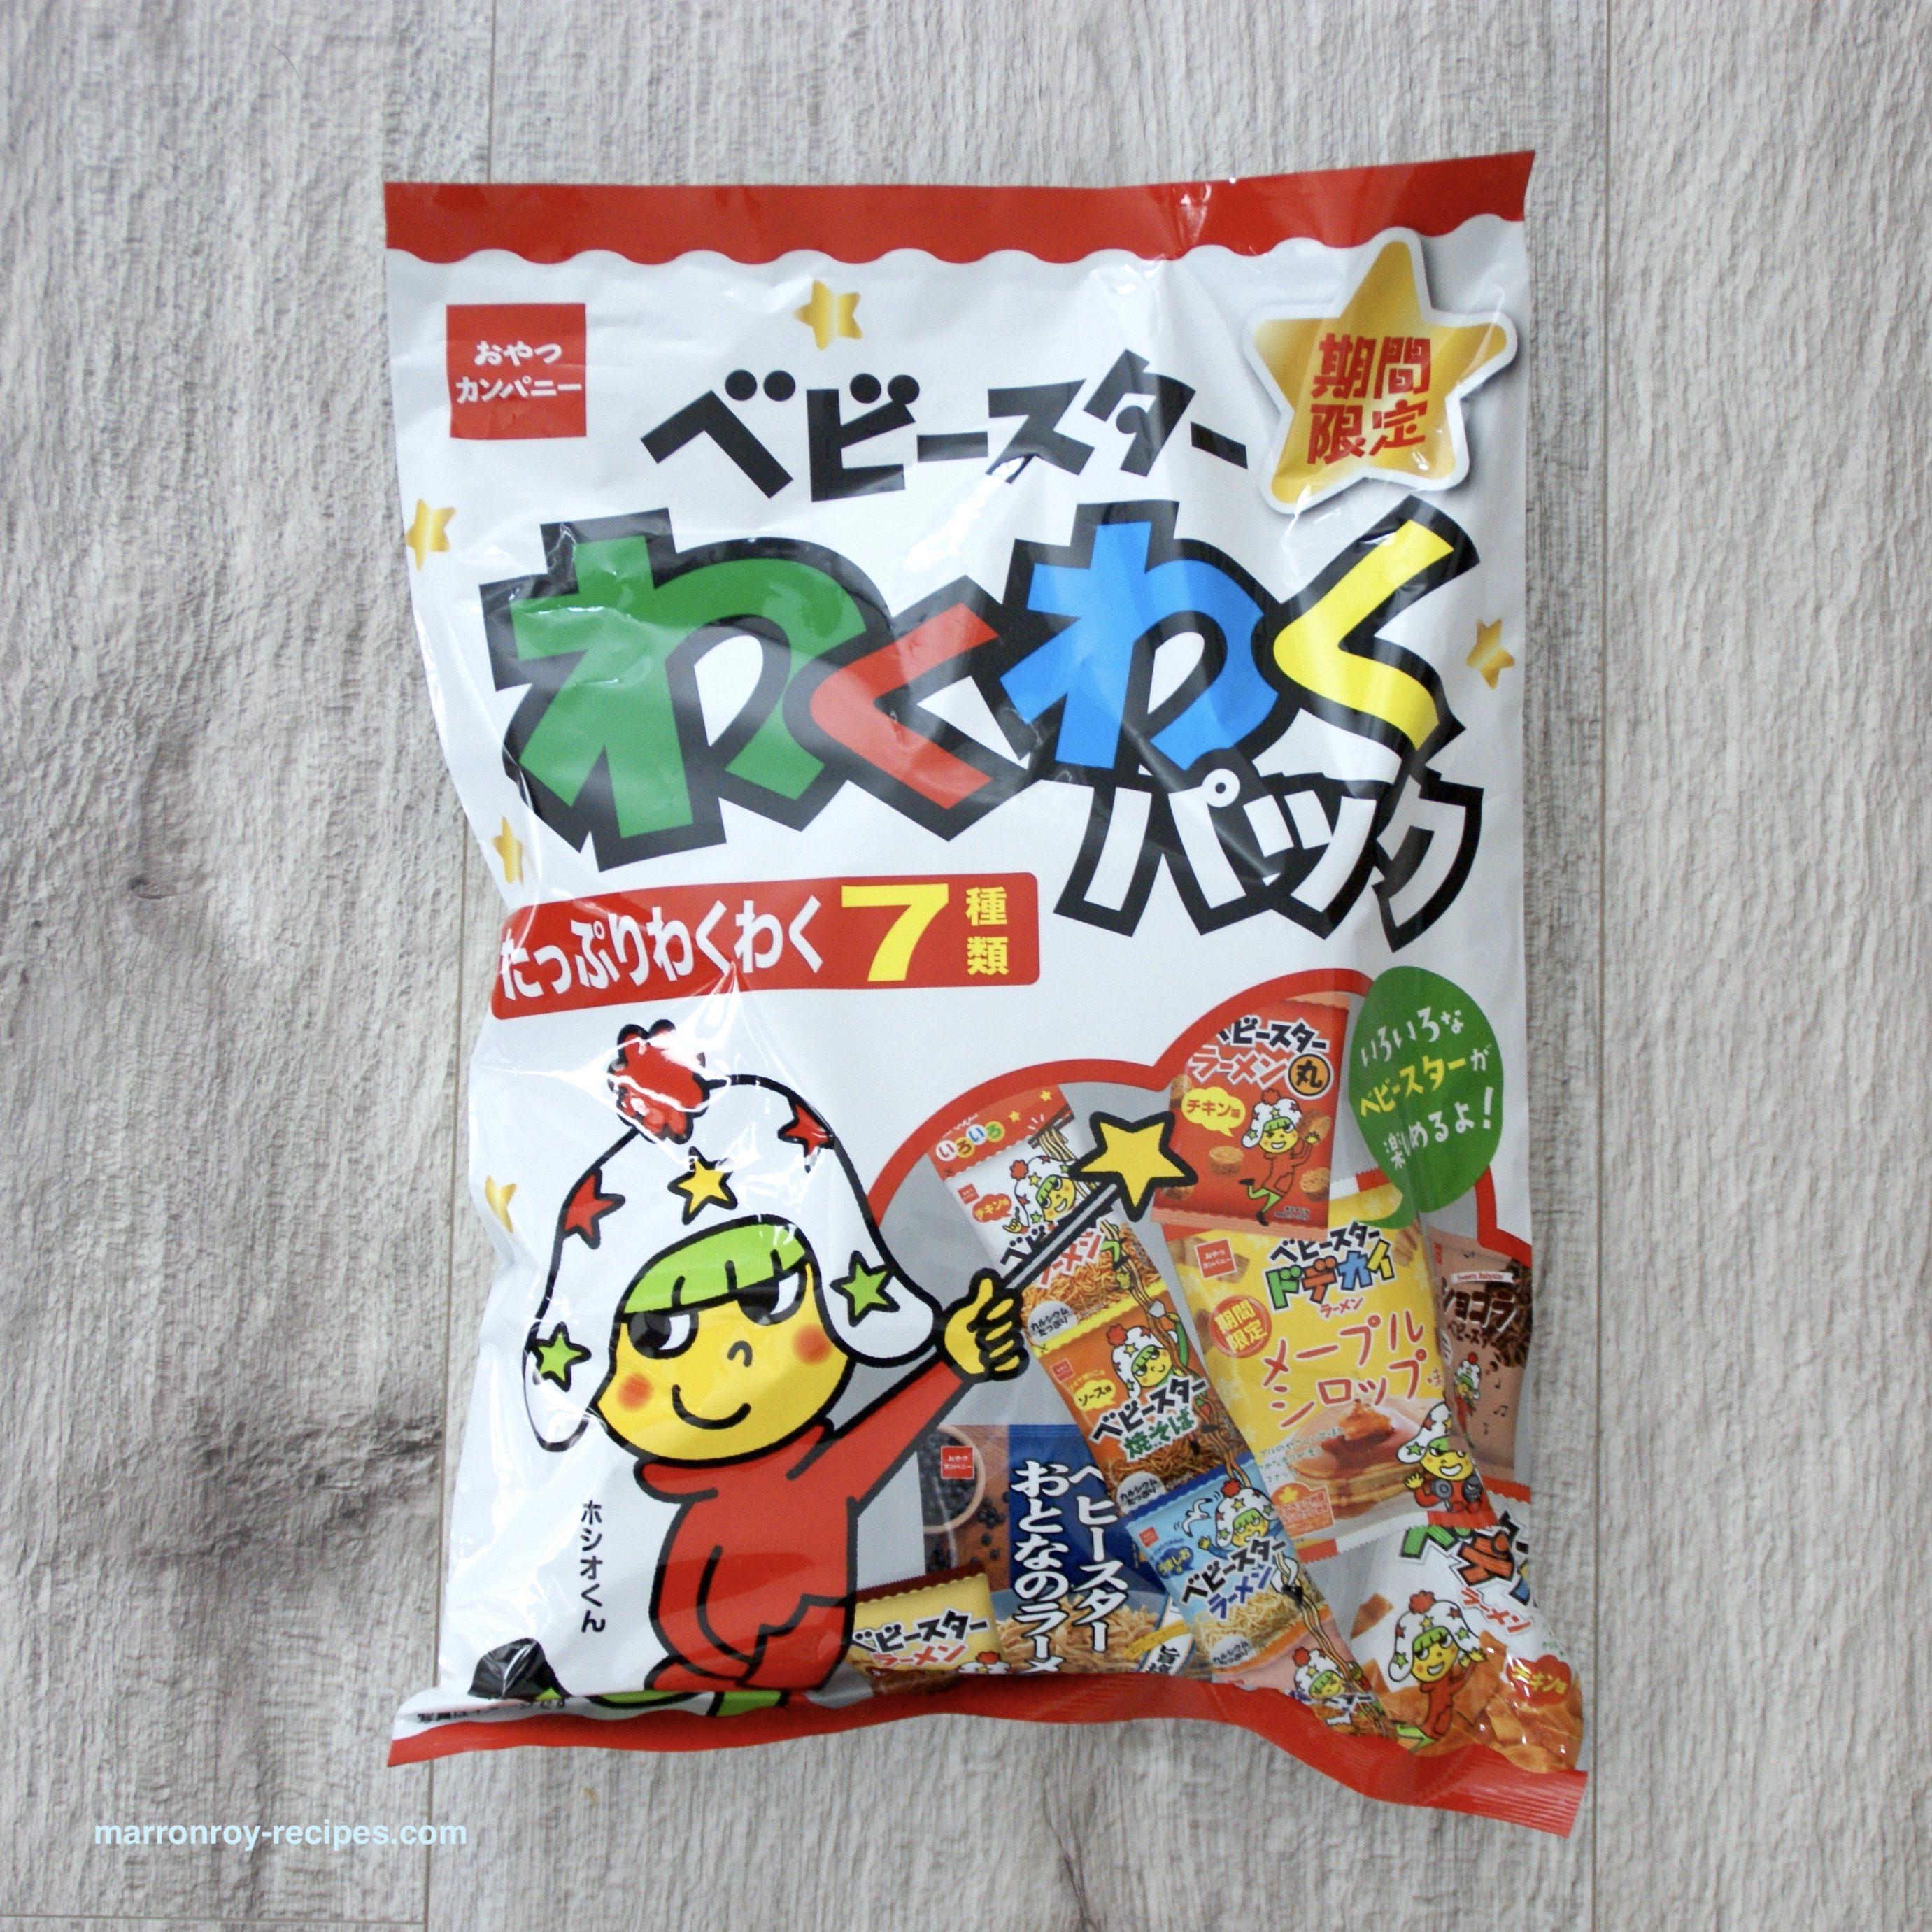 """コストコのお菓子""""期間限定わくわくパックとベビースターラーメン"""""""